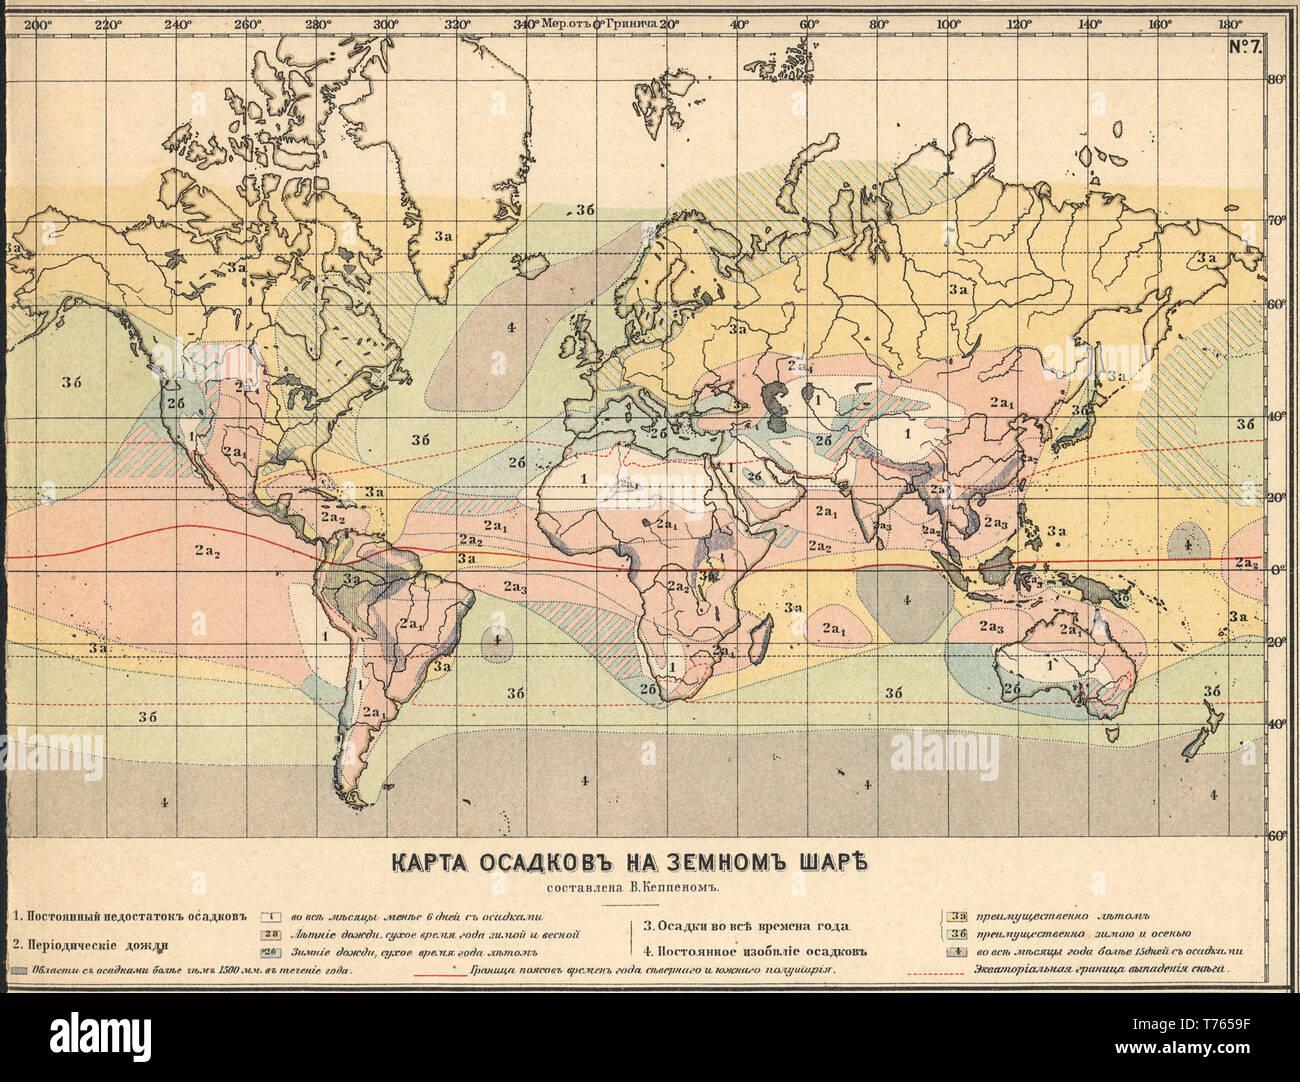 Messa a terra la climatologia Maps Mappa di precipitazione sul globo Köppen classificazione climatica nuova tabella atlas A.F. Marcks San Pietroburgo, 1910 Immagini Stock